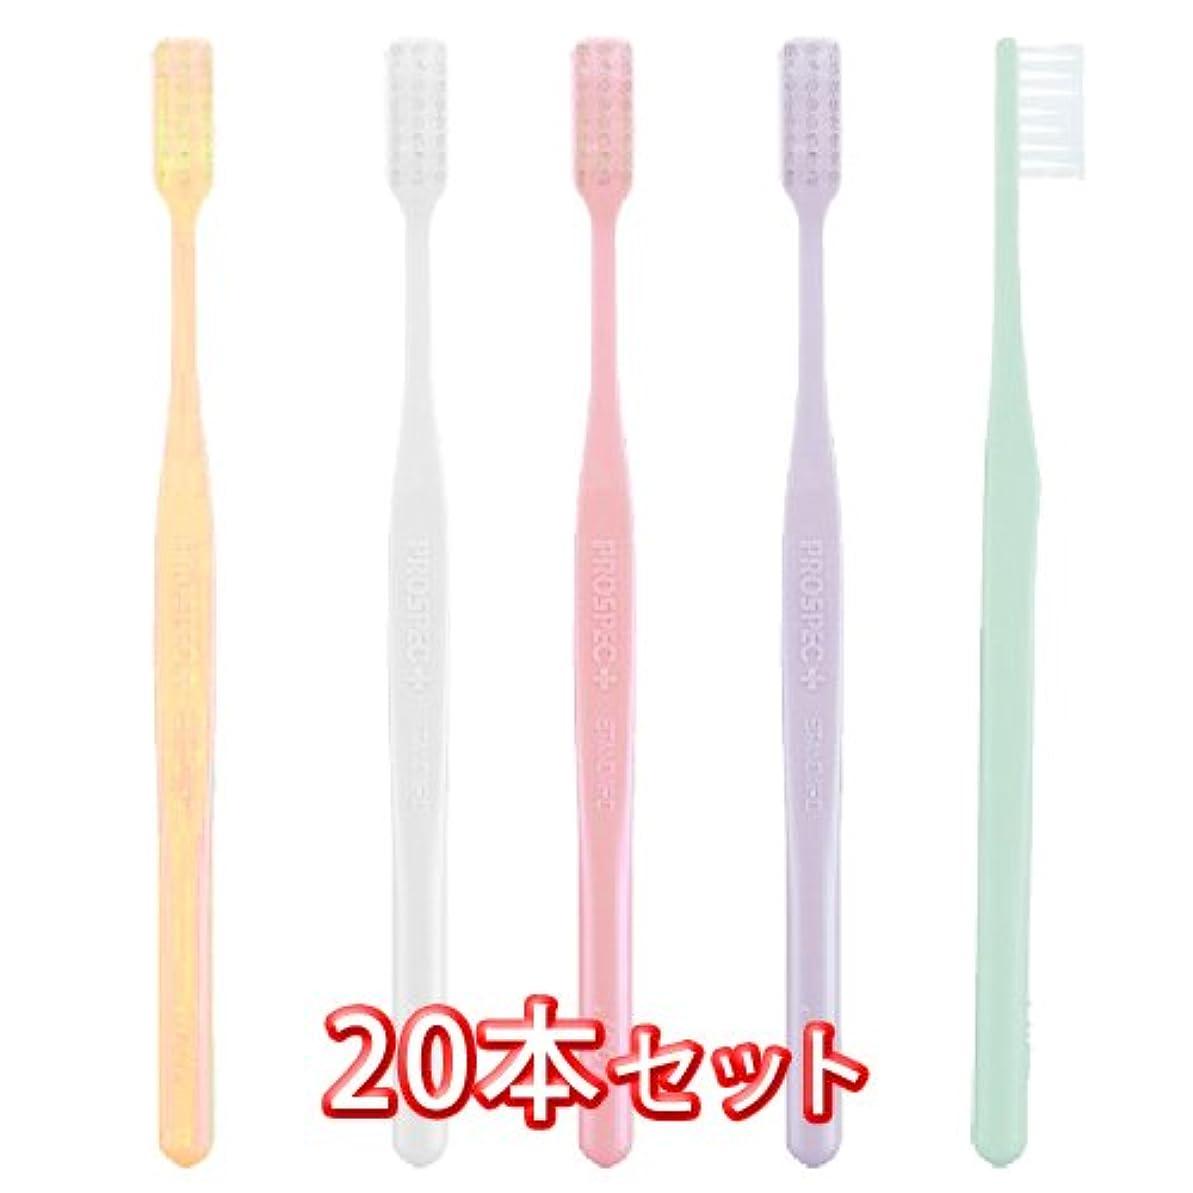 黒スプリット抑制するプロスペック 歯ブラシ プラススタンダード 20本入 Mふつう